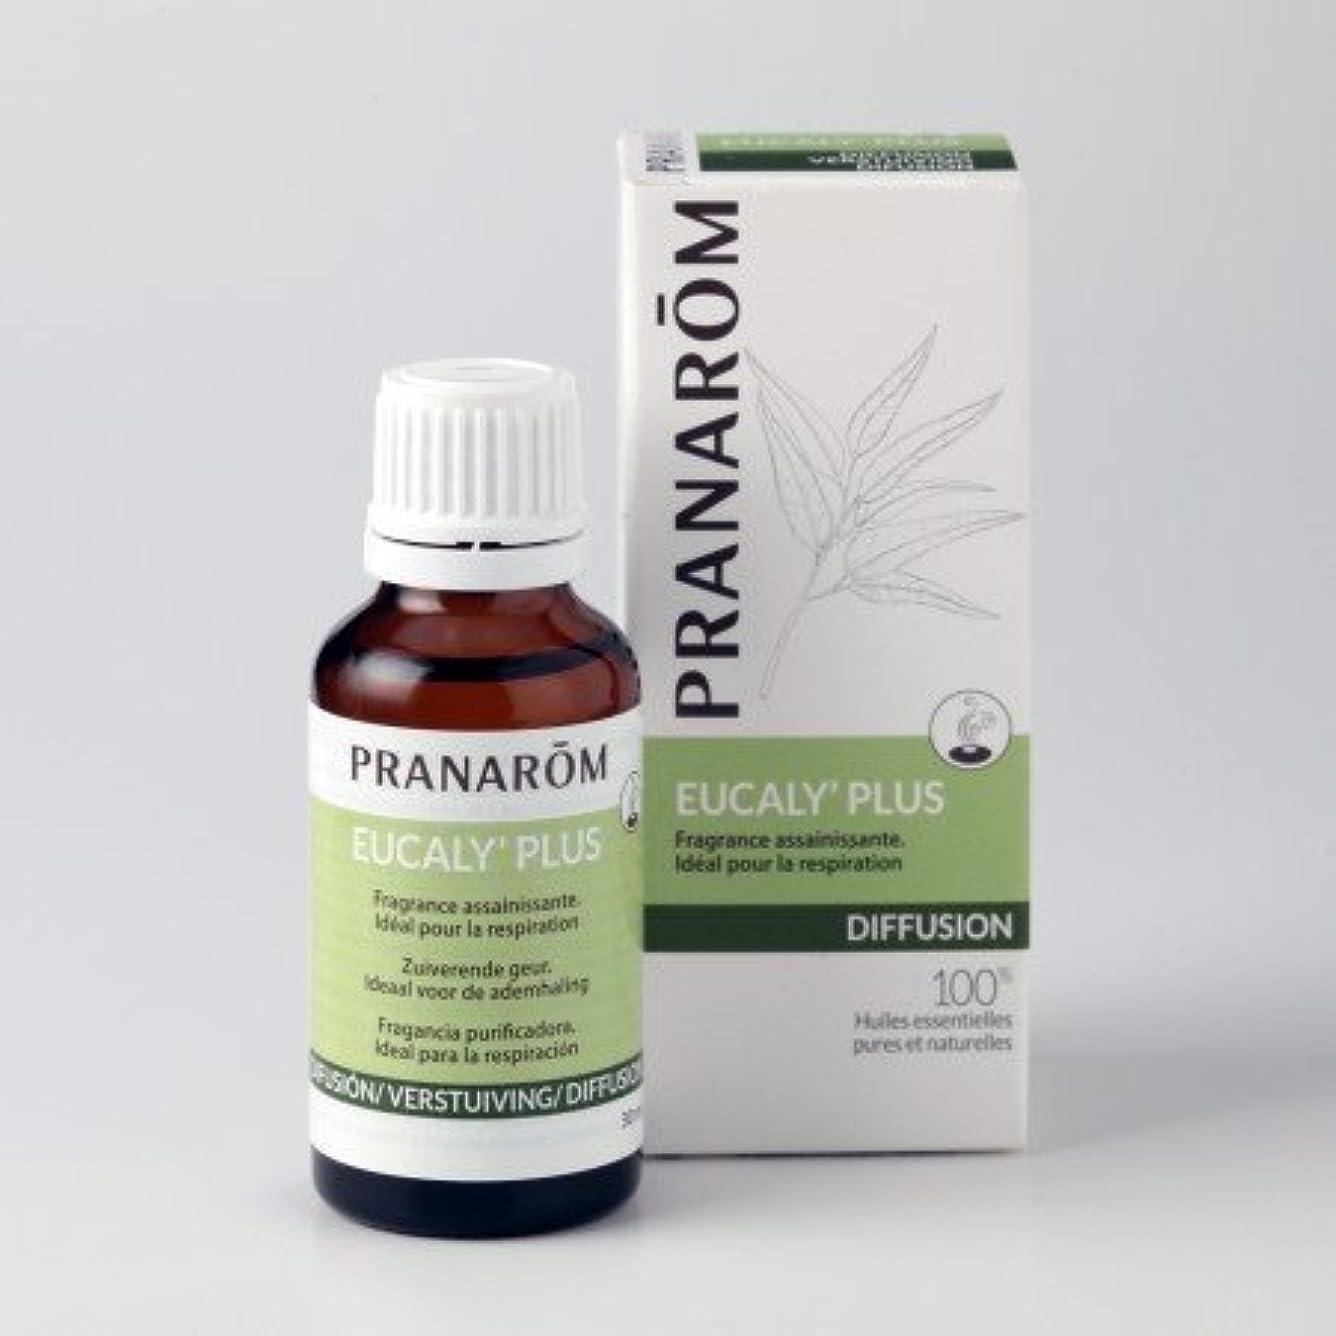 スクリーチボランティア国旗プラナロム ( PRANAROM ) ルームコロン 胸一杯のフレッシュエア ユーカリプラス 30ml 02590 エアフレッシュナー ( 芳香剤 )